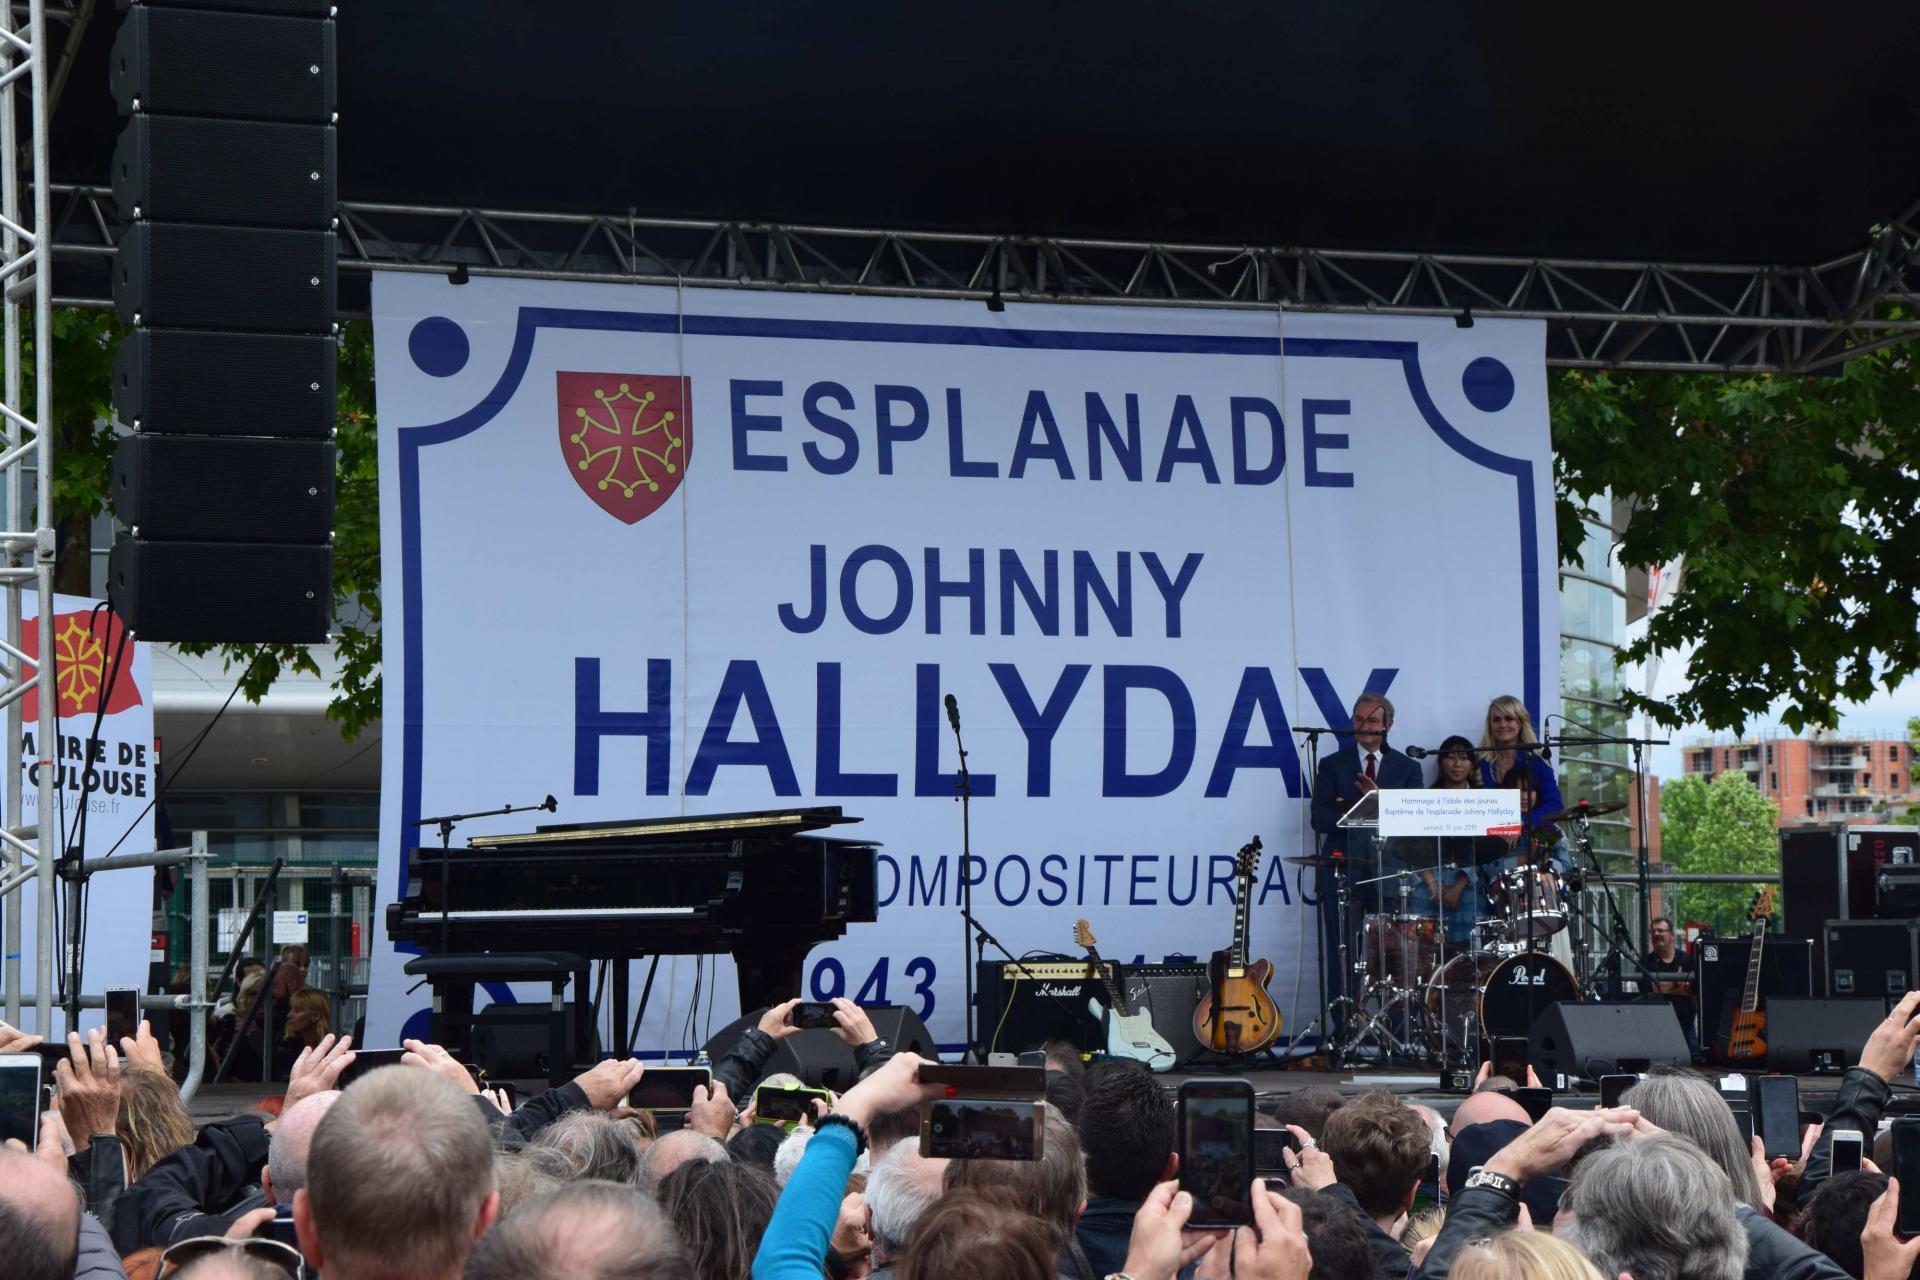 LAETITIA, inauguration de l'esplanade Johnny Hallyday